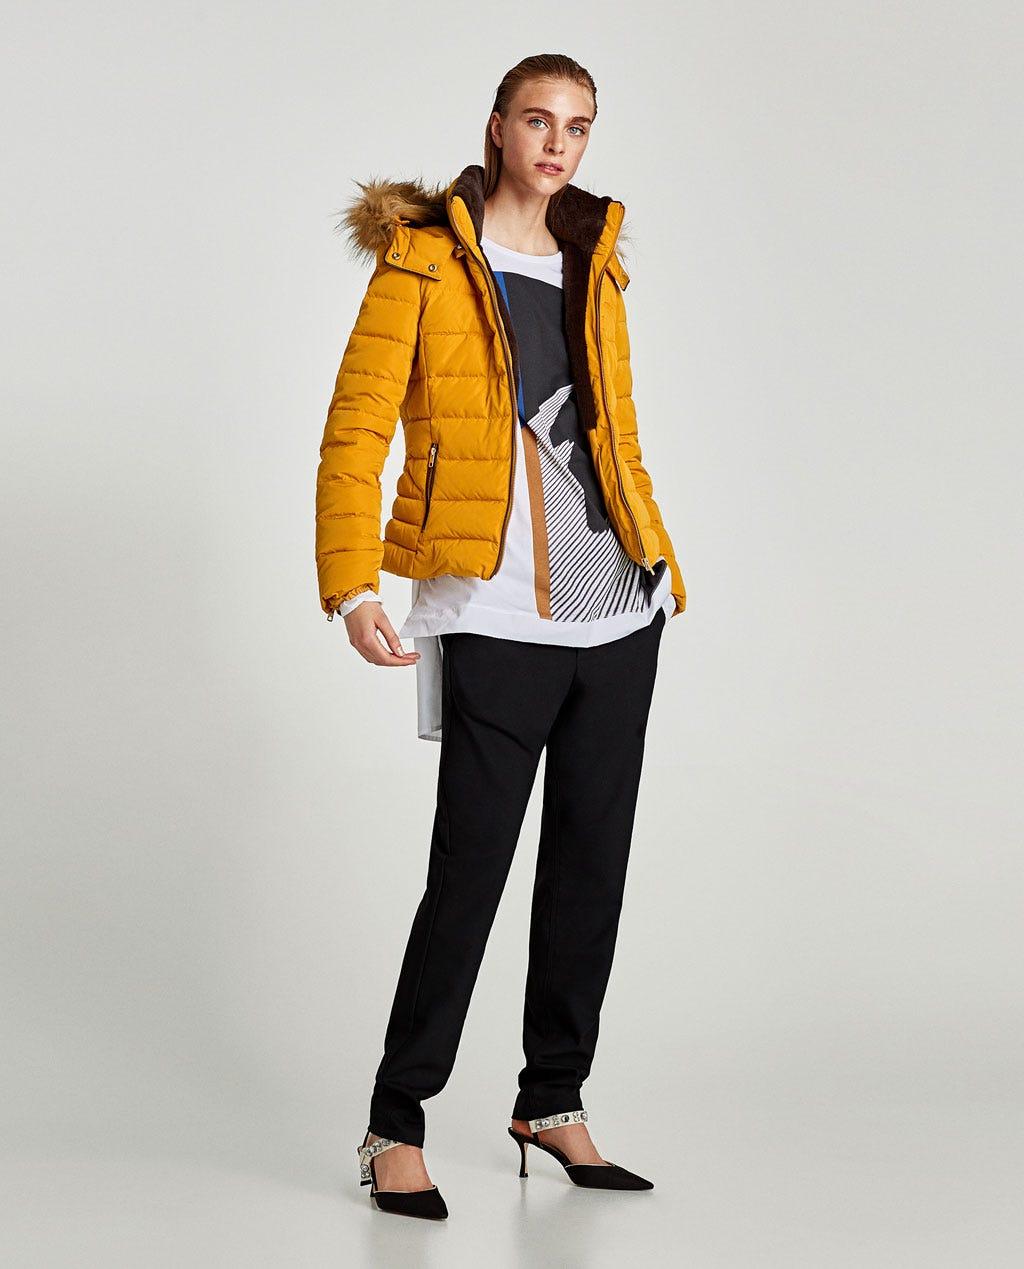 999ec16cc40e Zara Winter 2017 Best New Puffer Jacket Coats Shop Now